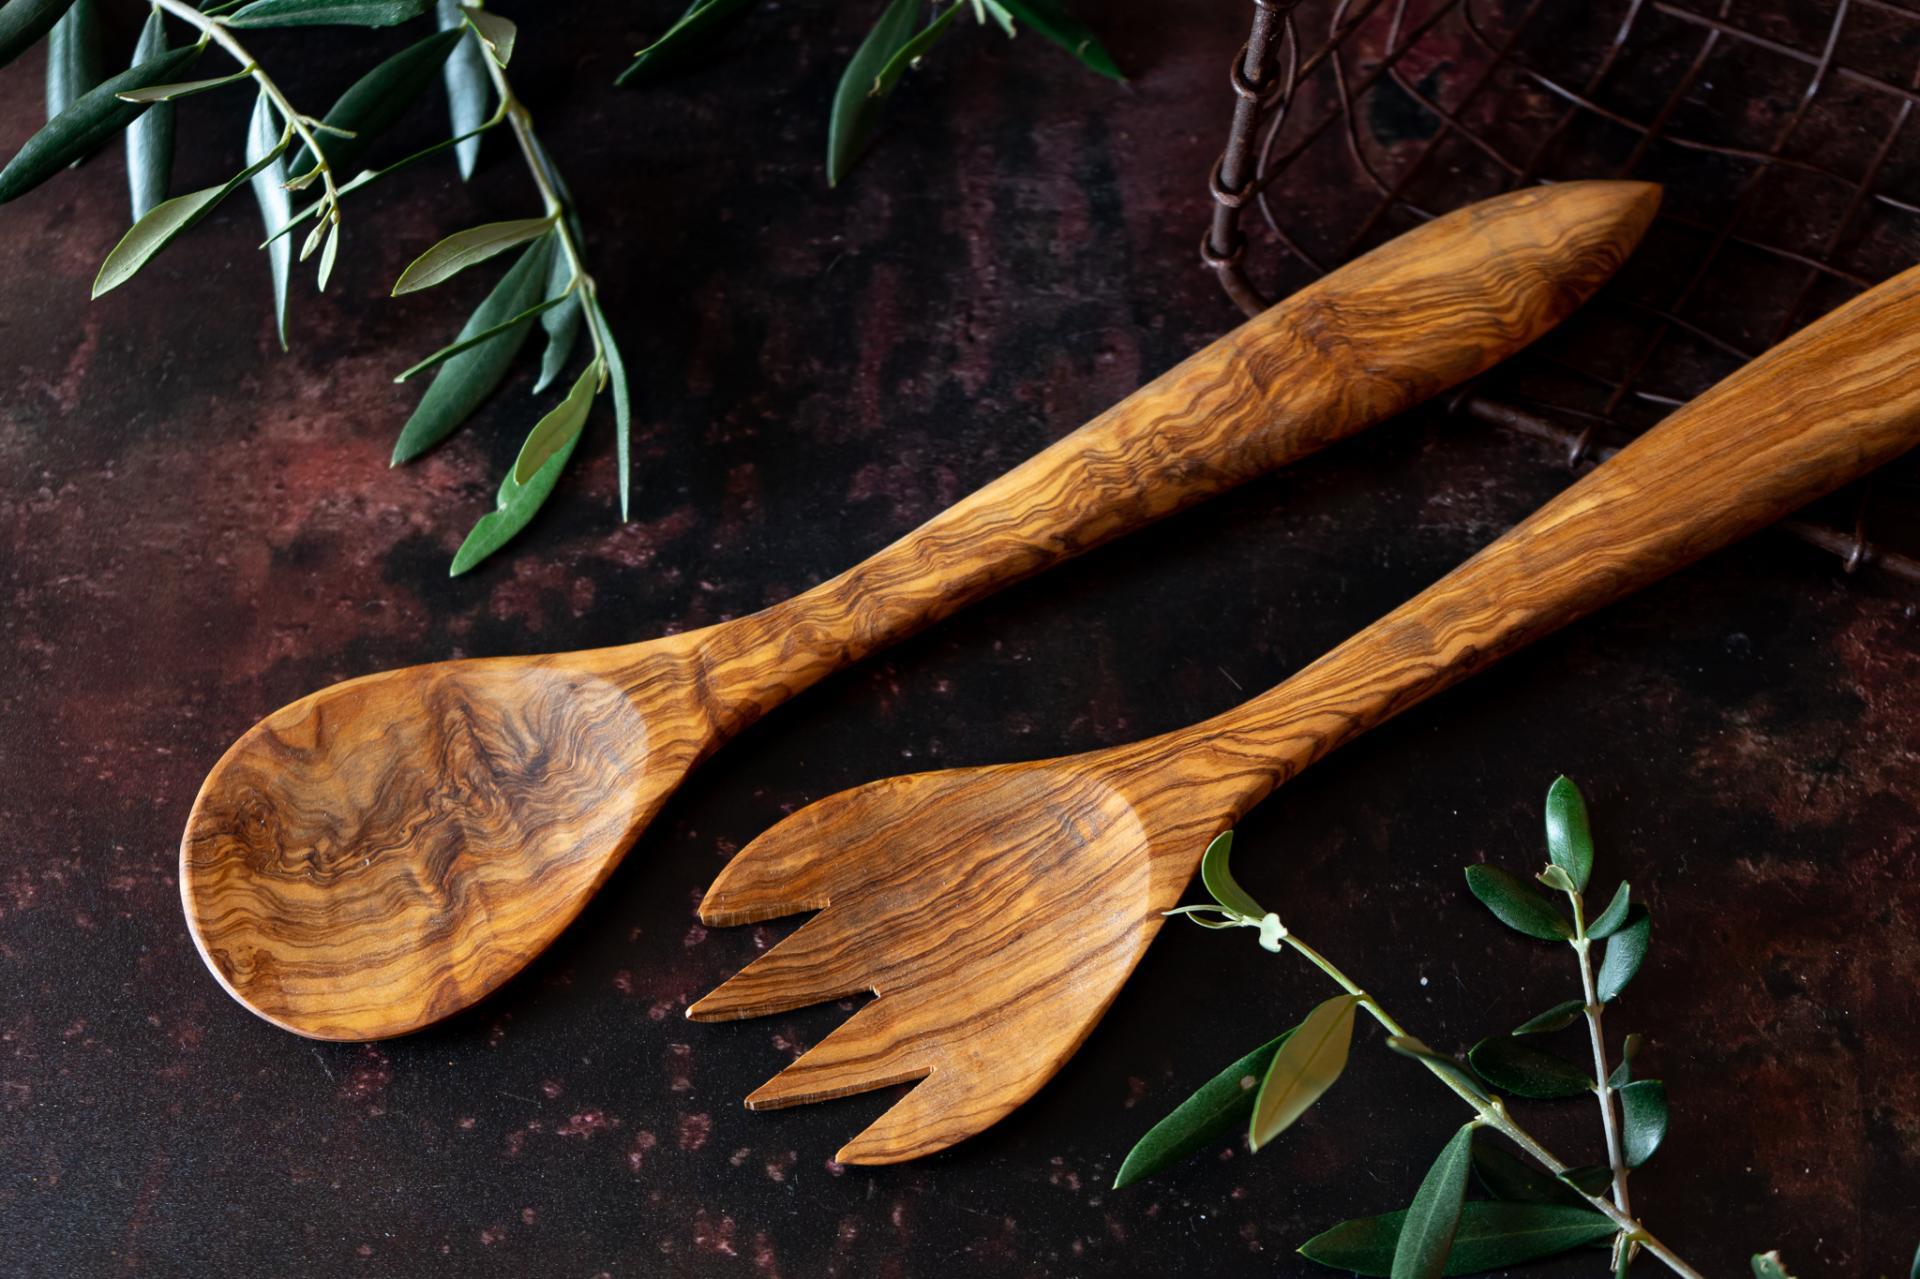 Juego de cubiertos anchos grandes (cuchara y tenedor)